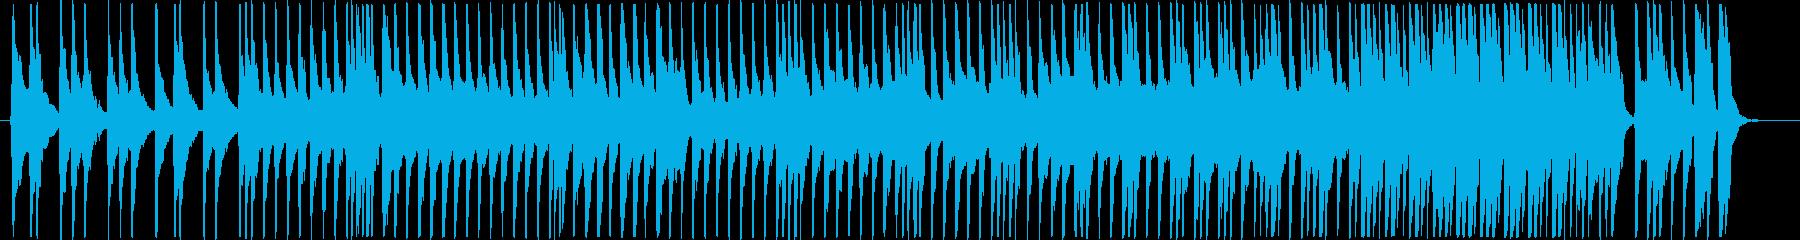 三味線のソロの再生済みの波形